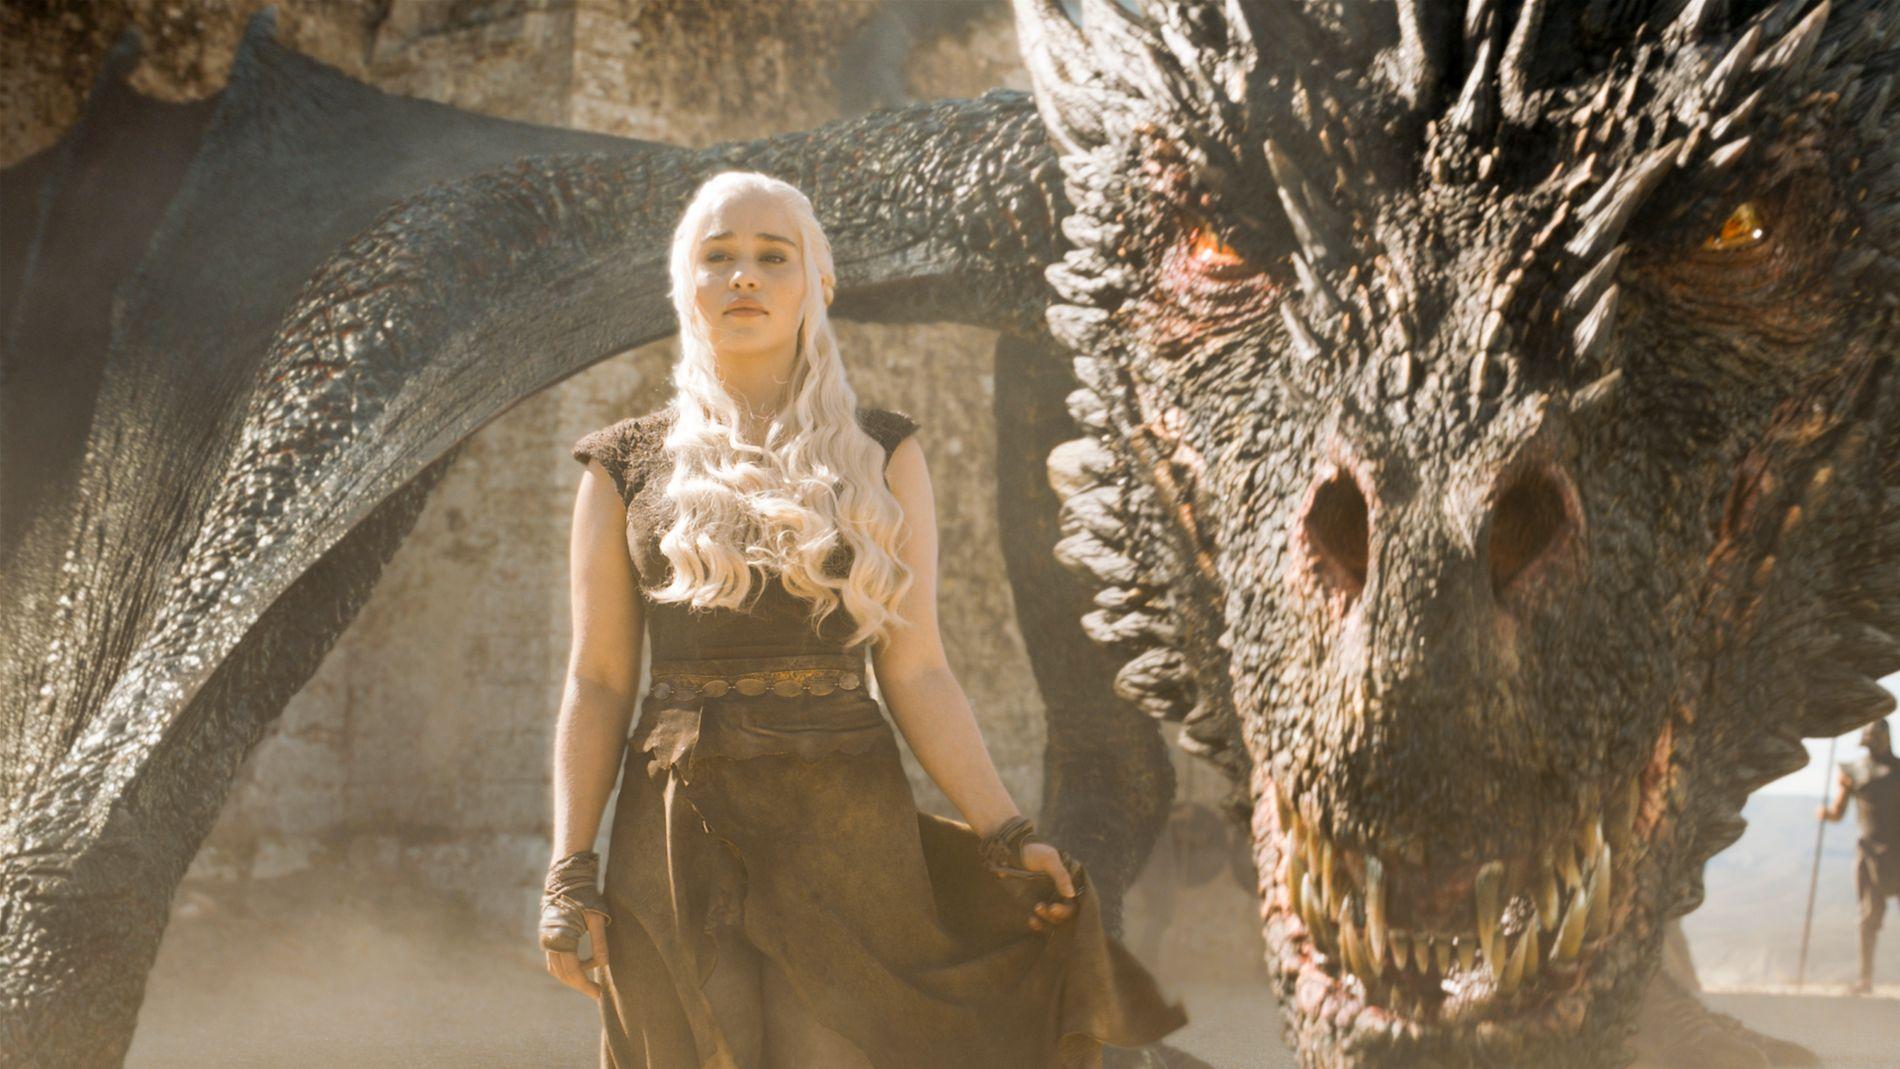 PÅ VEI TIL WESTEROS: Emilia Clarke som Danaerys Targaryen. Foto: HBO